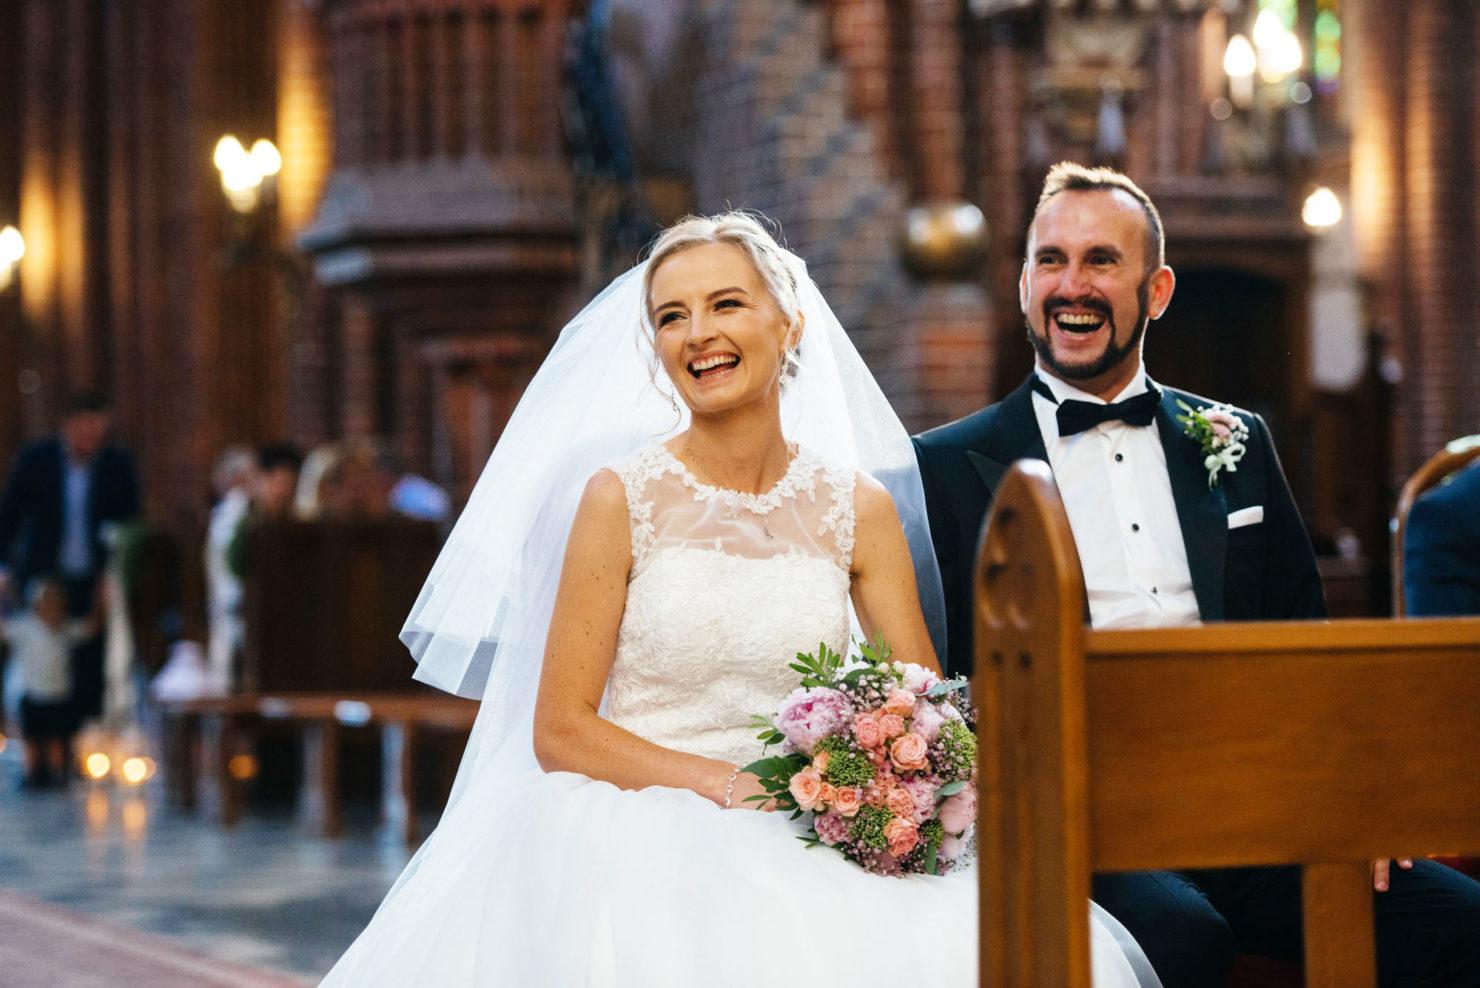 Elwira i Jacek - Wesele w Dworze Afrodyta - wesele w dworze afrodyta